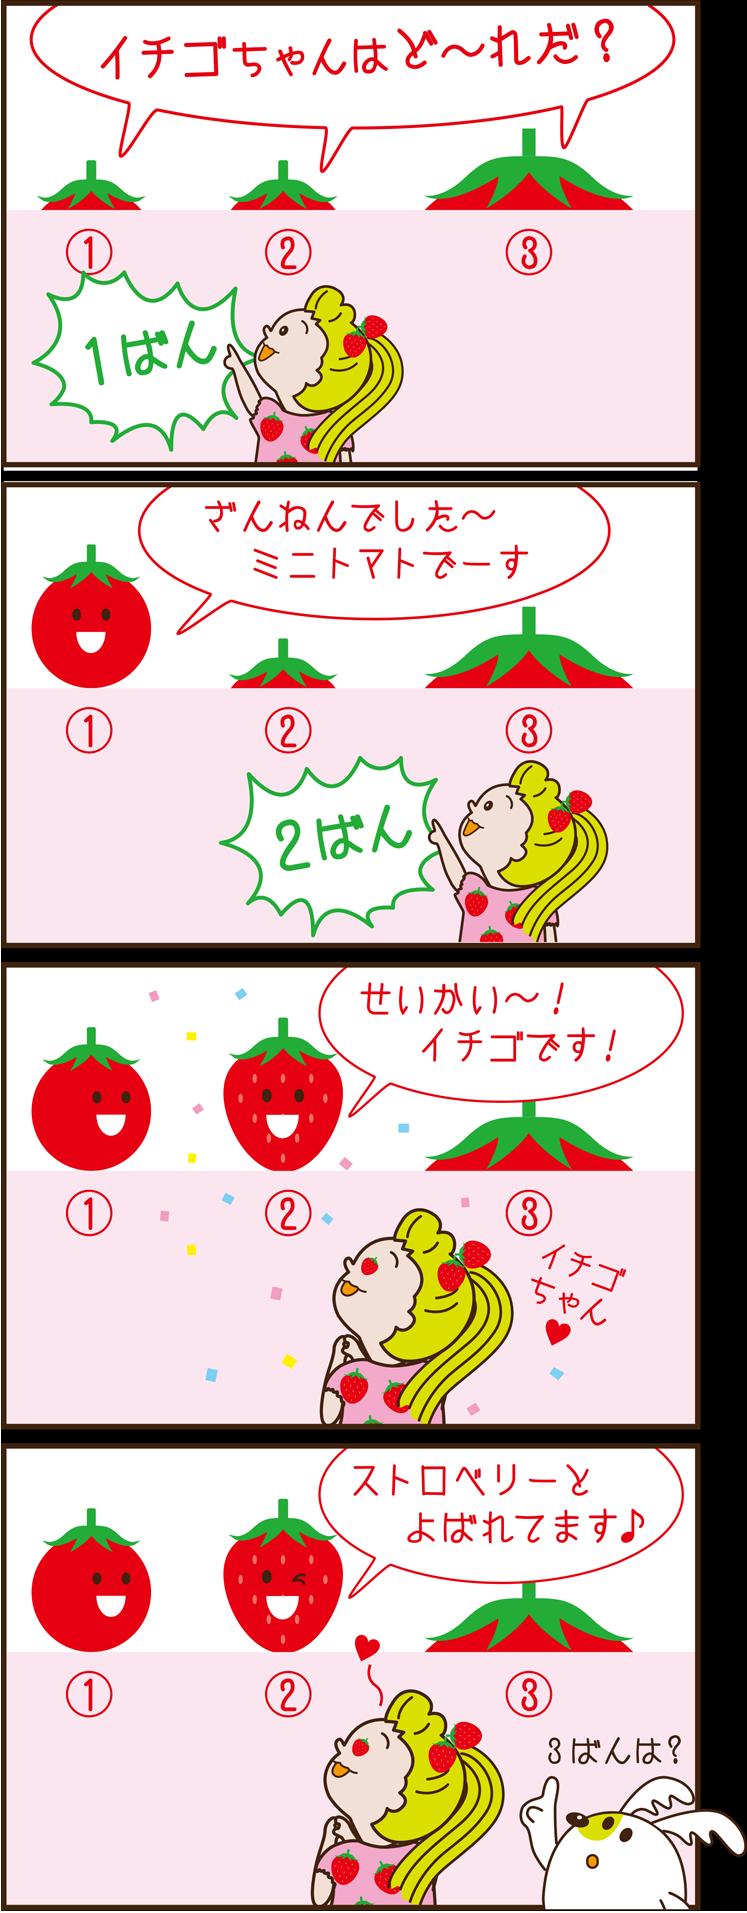 Vol40 イチゴちゃんクイズ